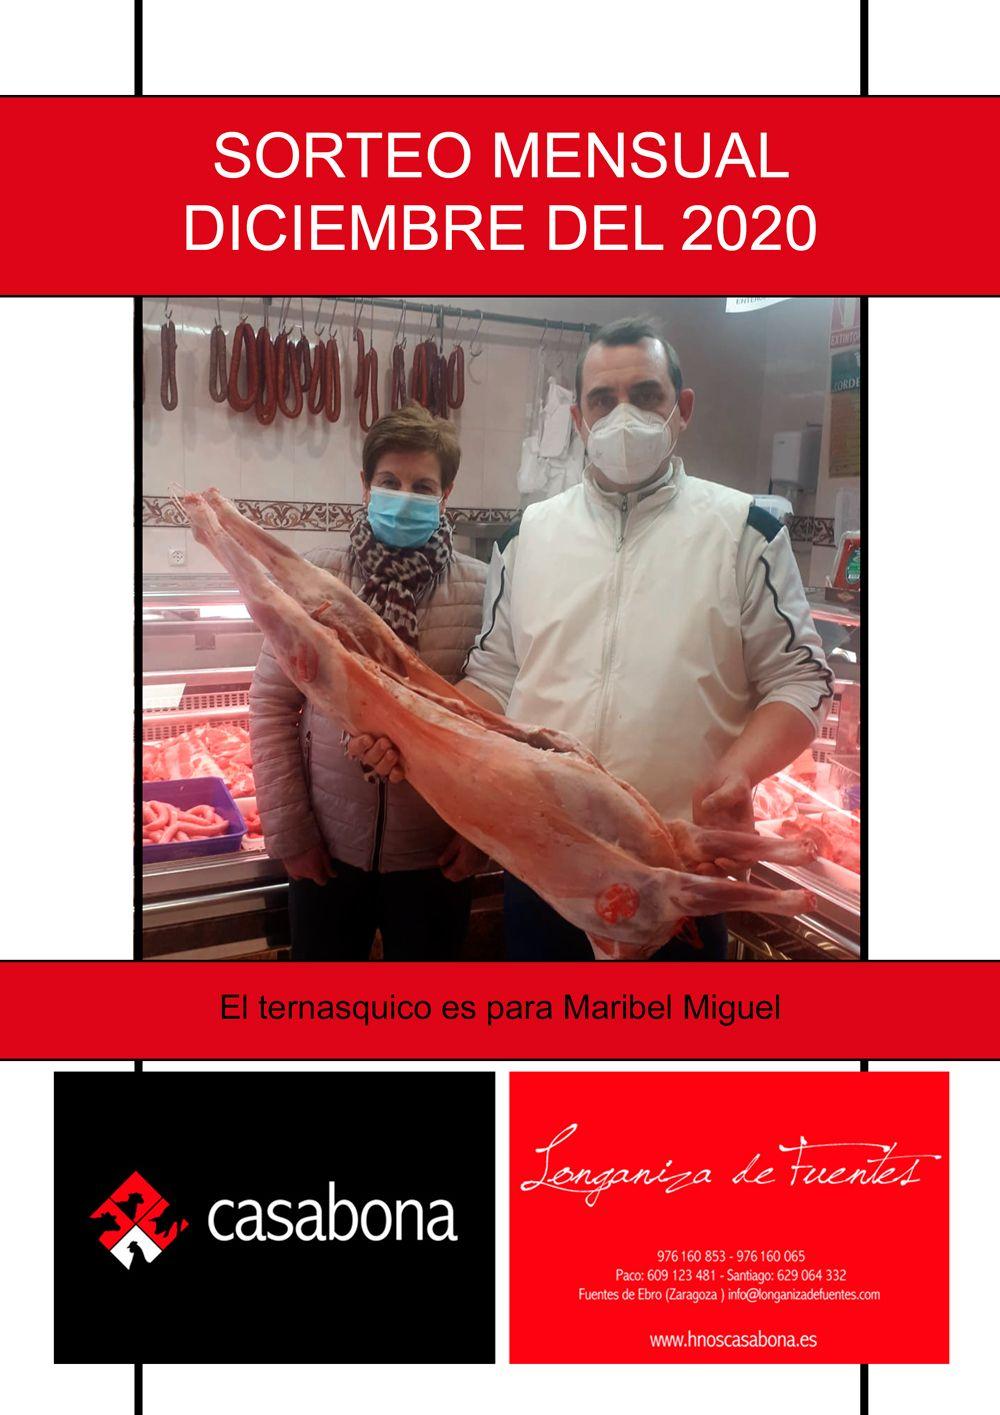 Carniceria Hermanos Casabona Longaniza de Fuentes Sorteo ternasco diciembre 2020